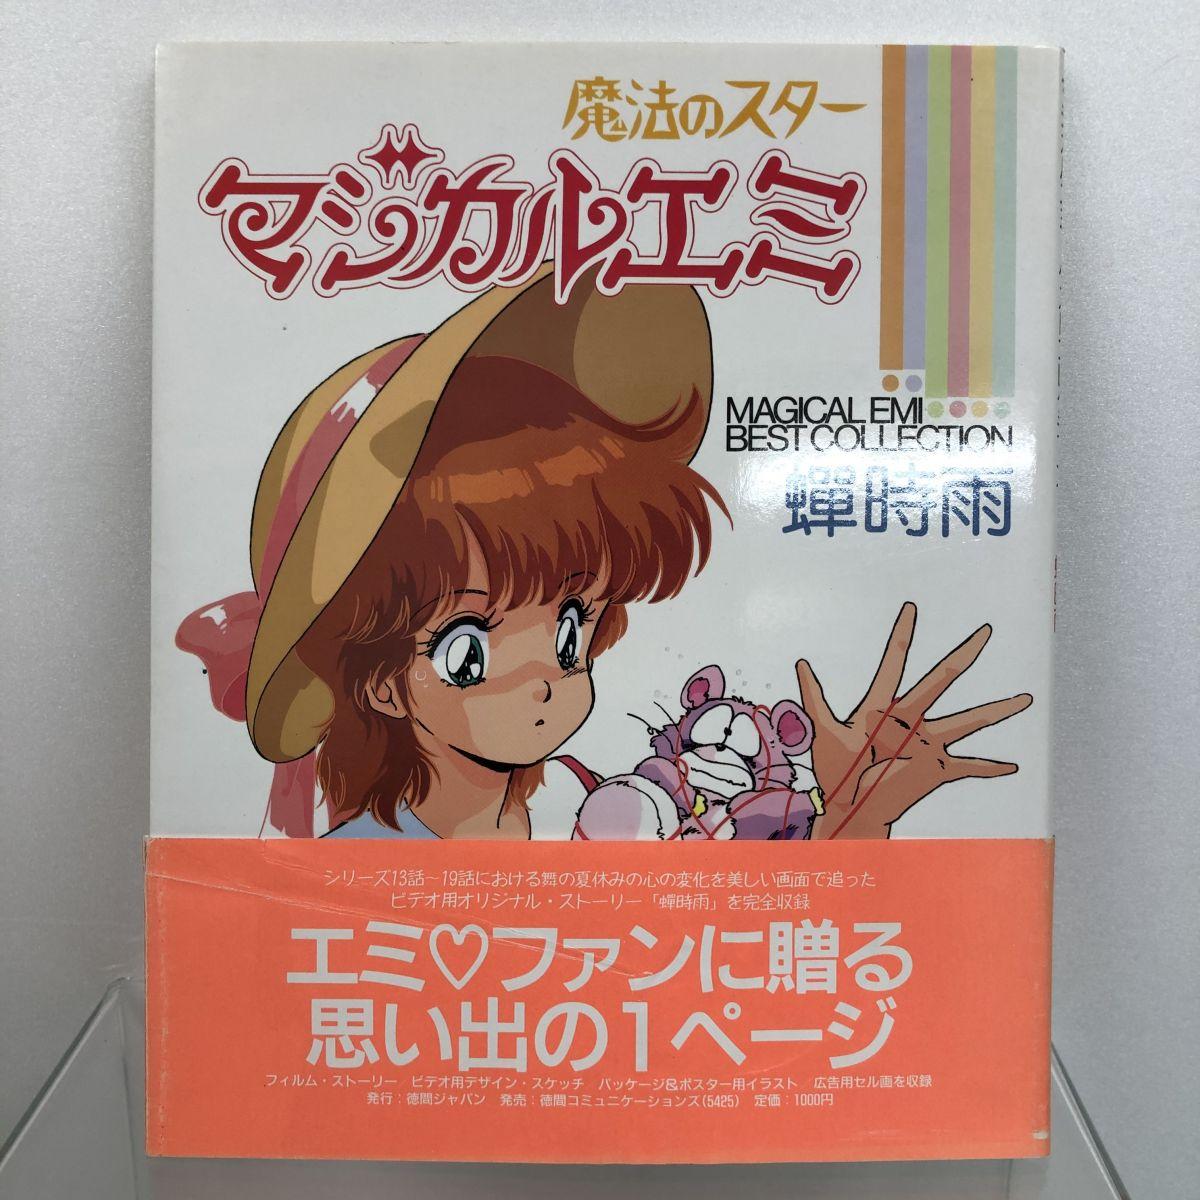 アニメ関連古本・マジカルエミ 蝉時雨 ベストコレクションの買取り実績